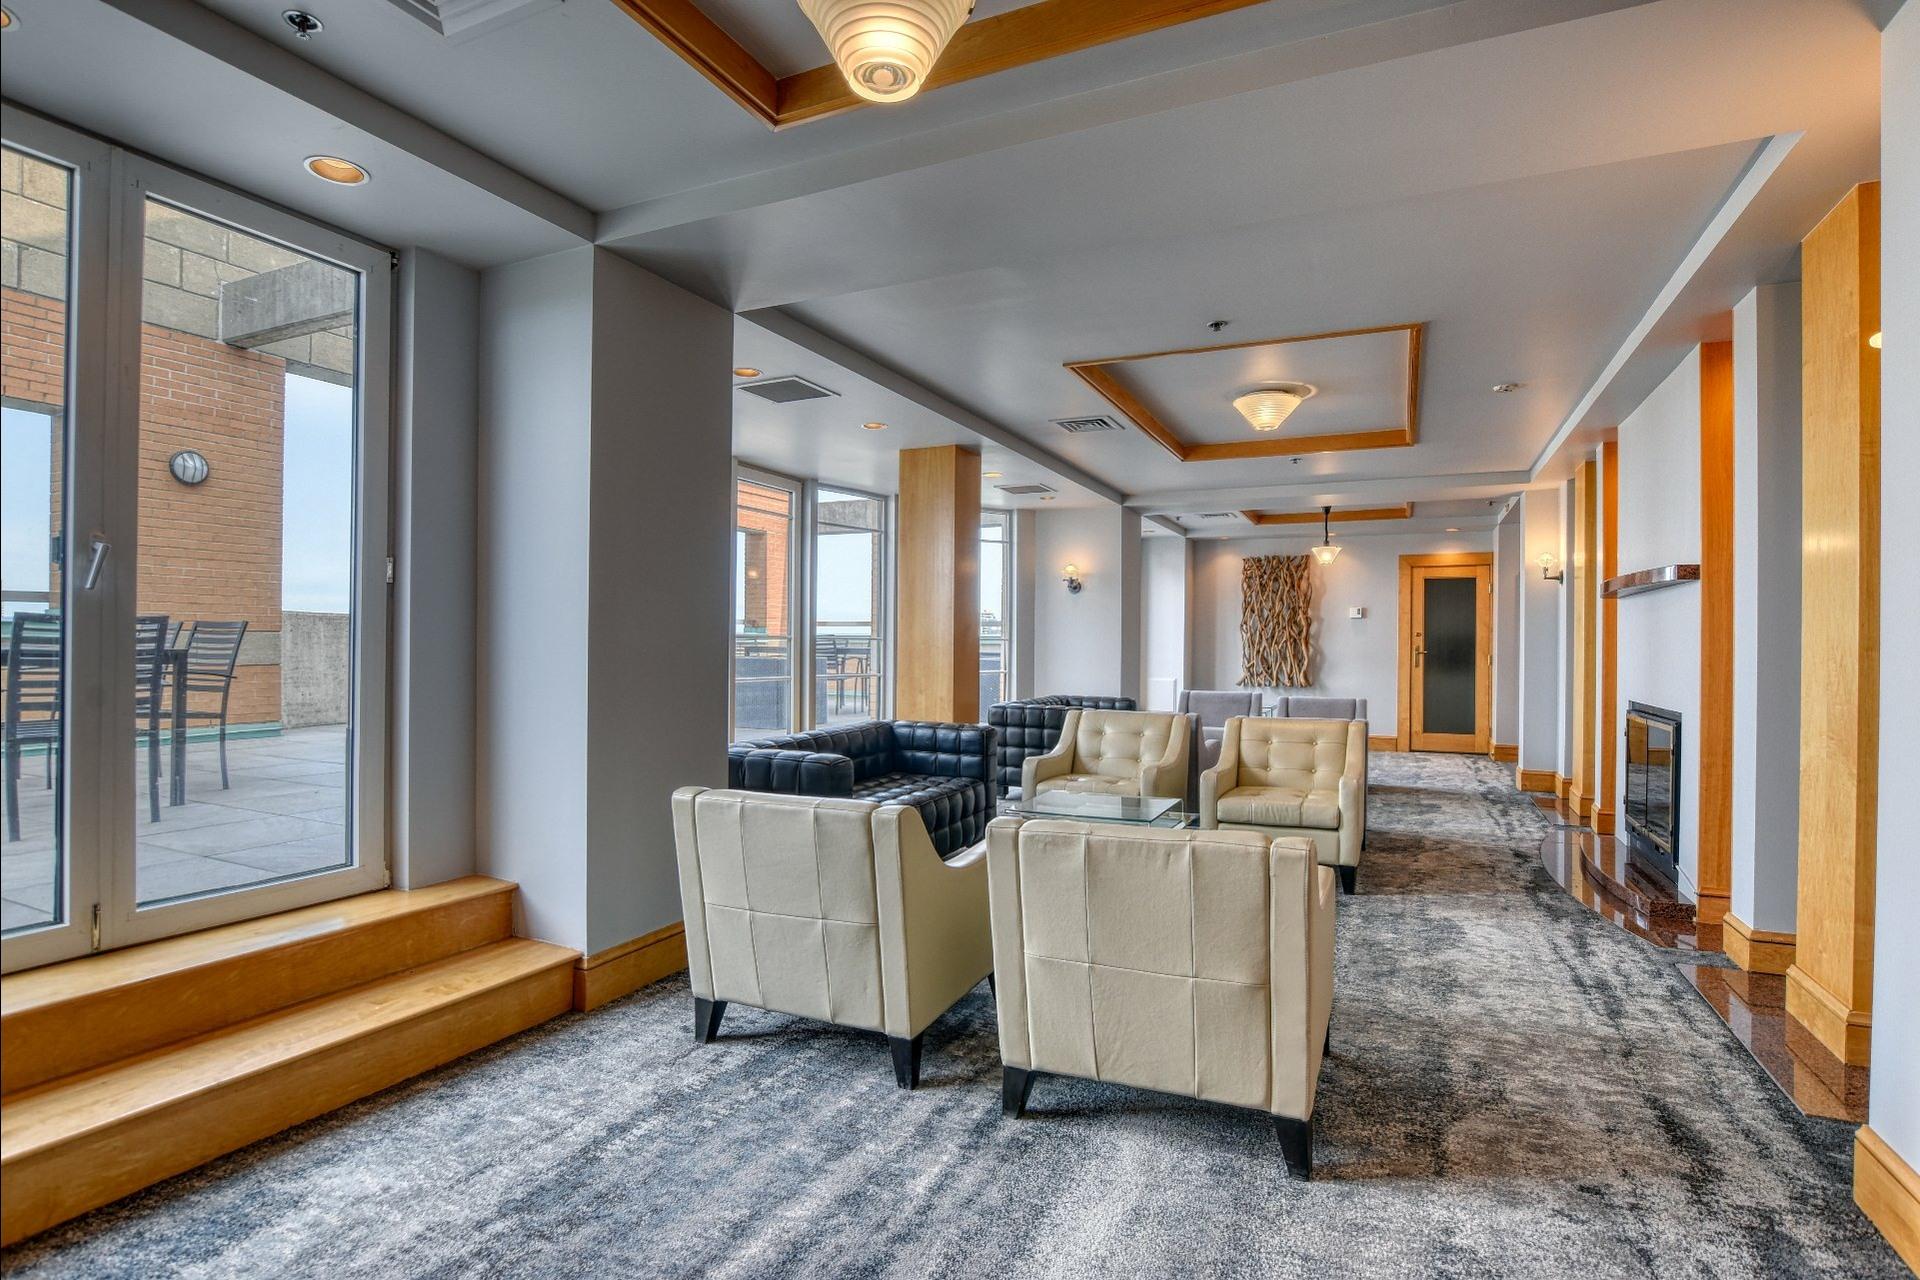 image 24 - Appartement À vendre Verdun/Île-des-Soeurs Montréal  - 6 pièces